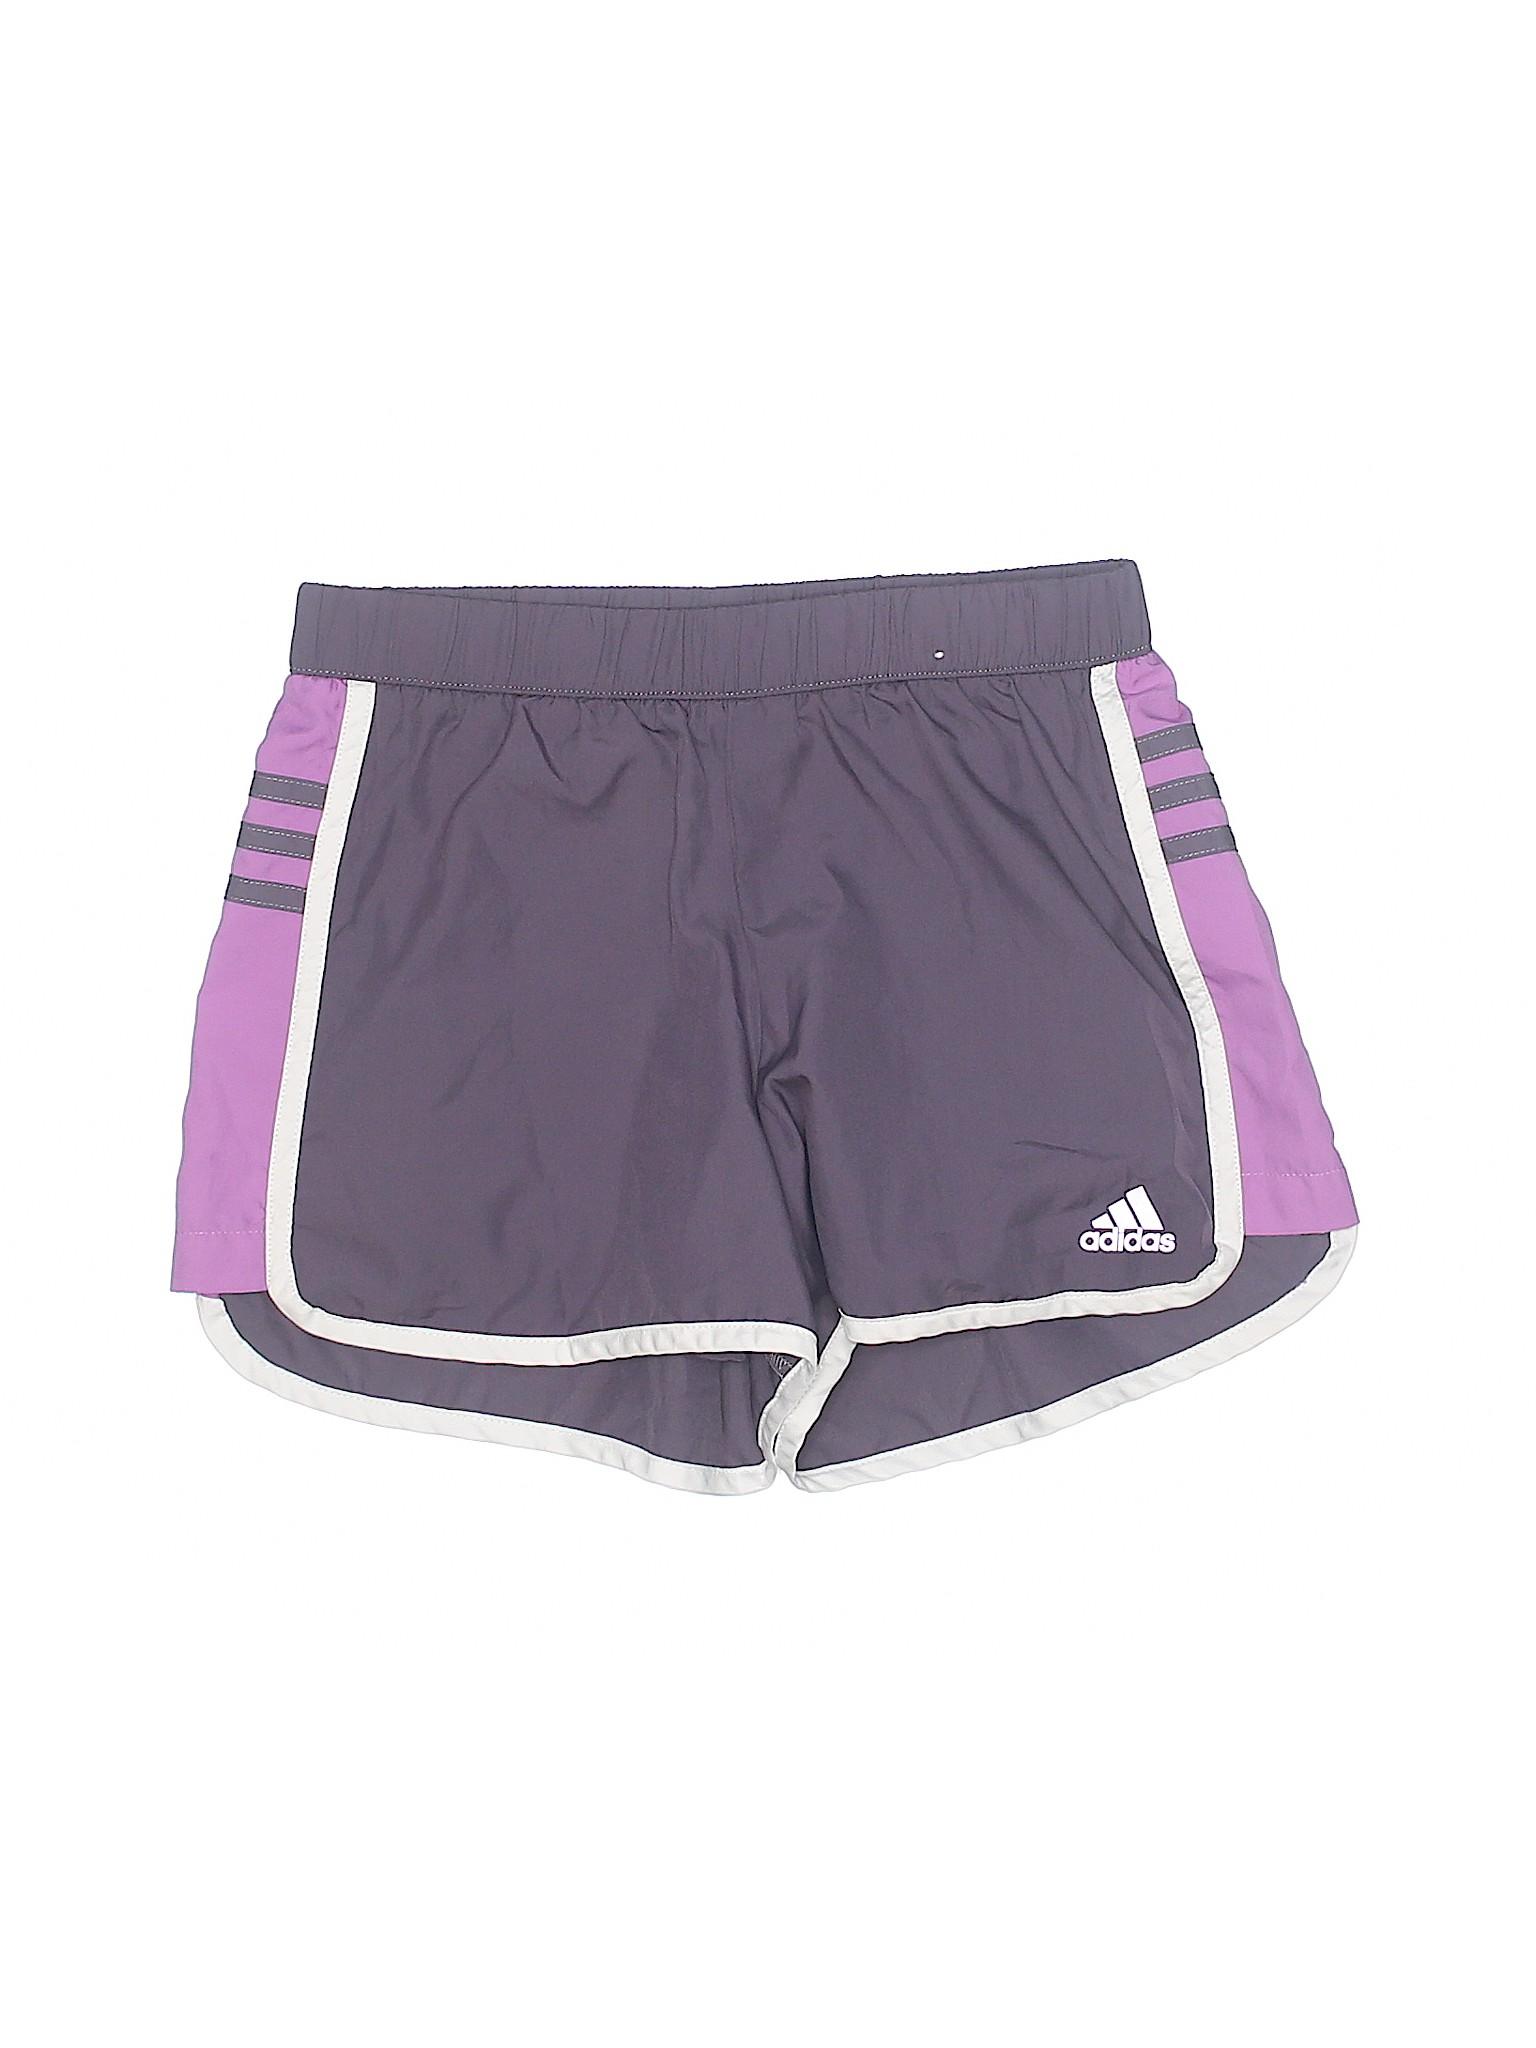 Boutique Shorts Athletic Boutique Boutique Athletic Adidas Athletic Boutique Adidas Adidas Adidas Athletic Shorts Boutique Shorts Shorts Adidas wpqEZEX